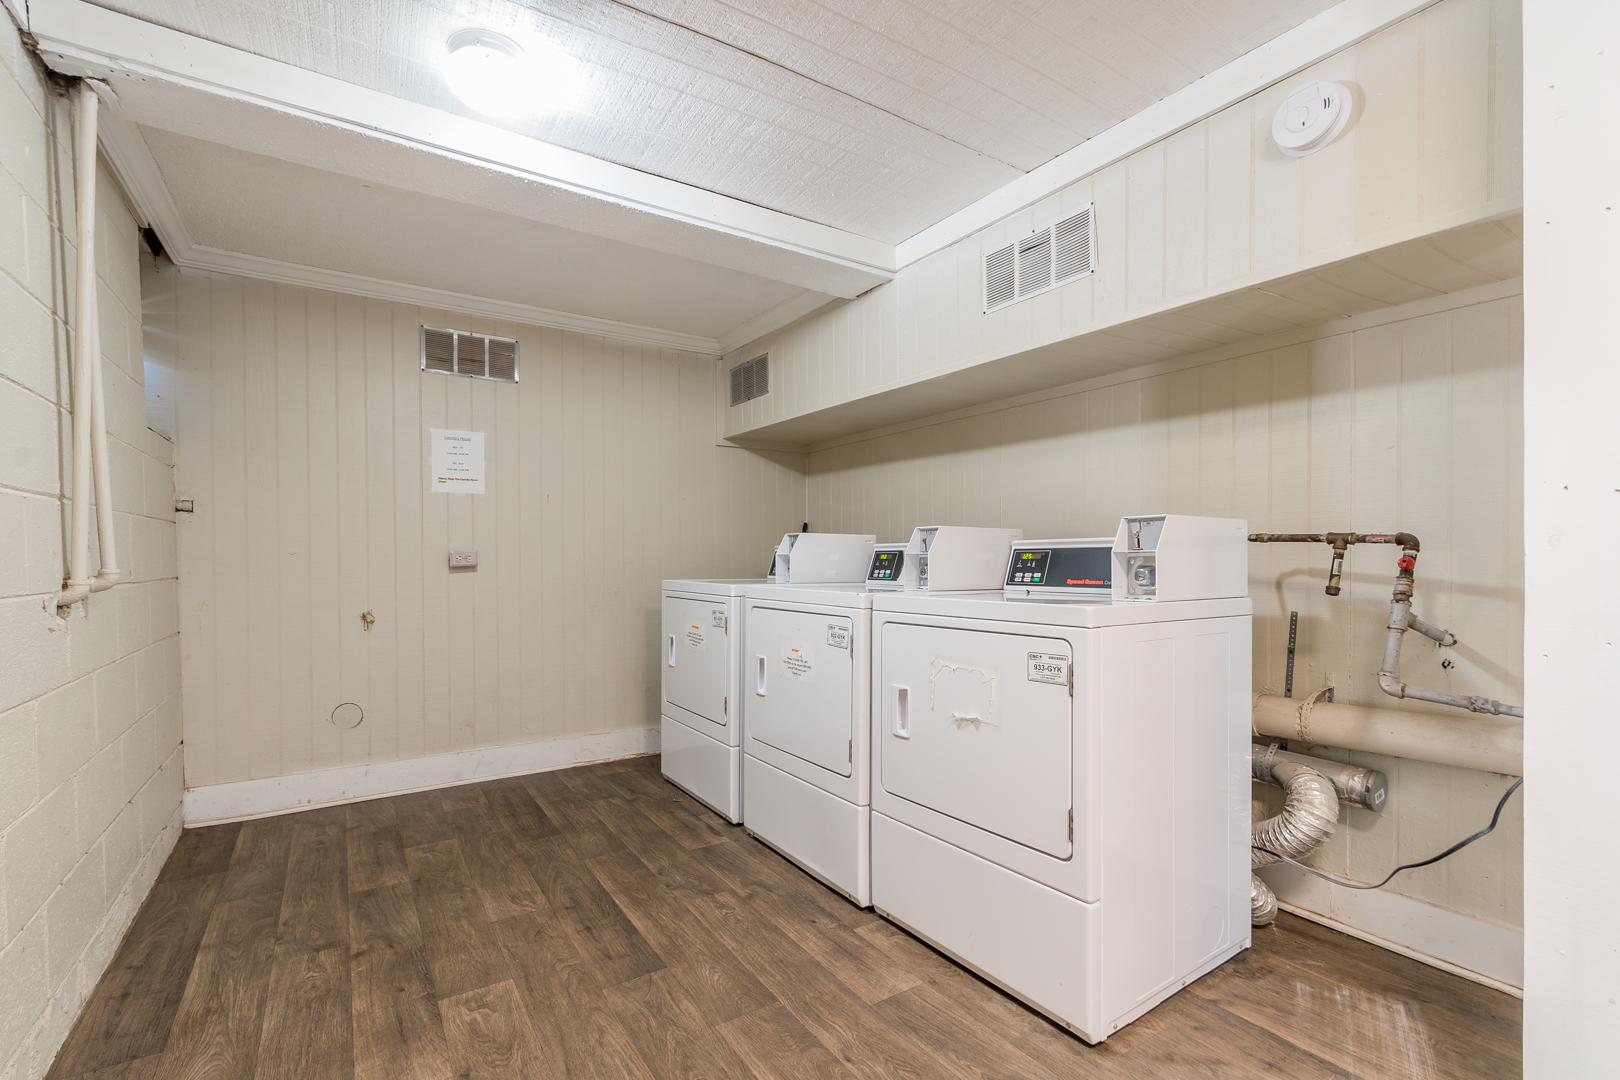 Newly Renovated Laundry Facility